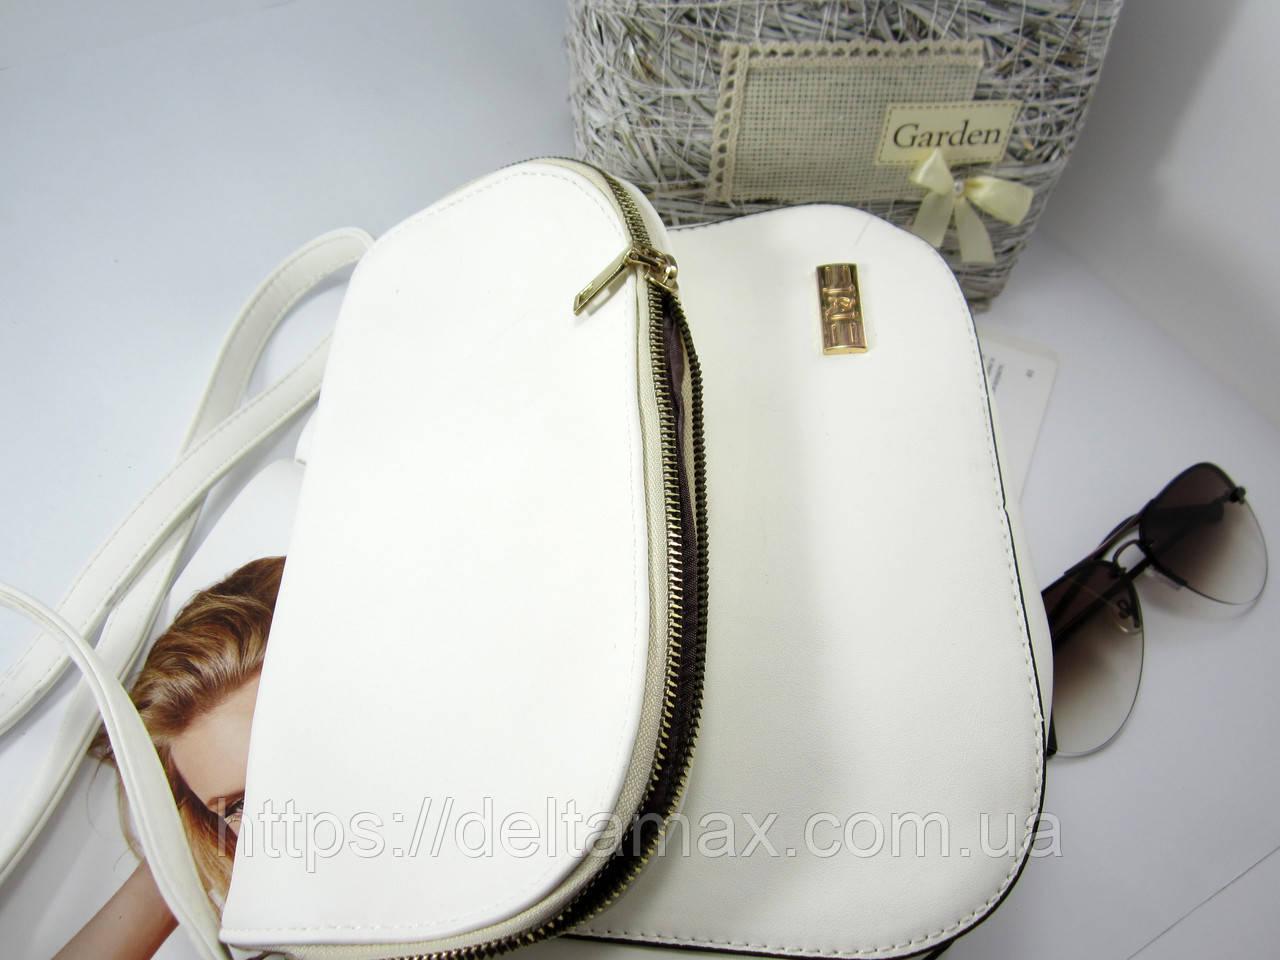 2a40206b8902 Женская сумка белая f-708: продажа, цена в Киевской области. женские ...